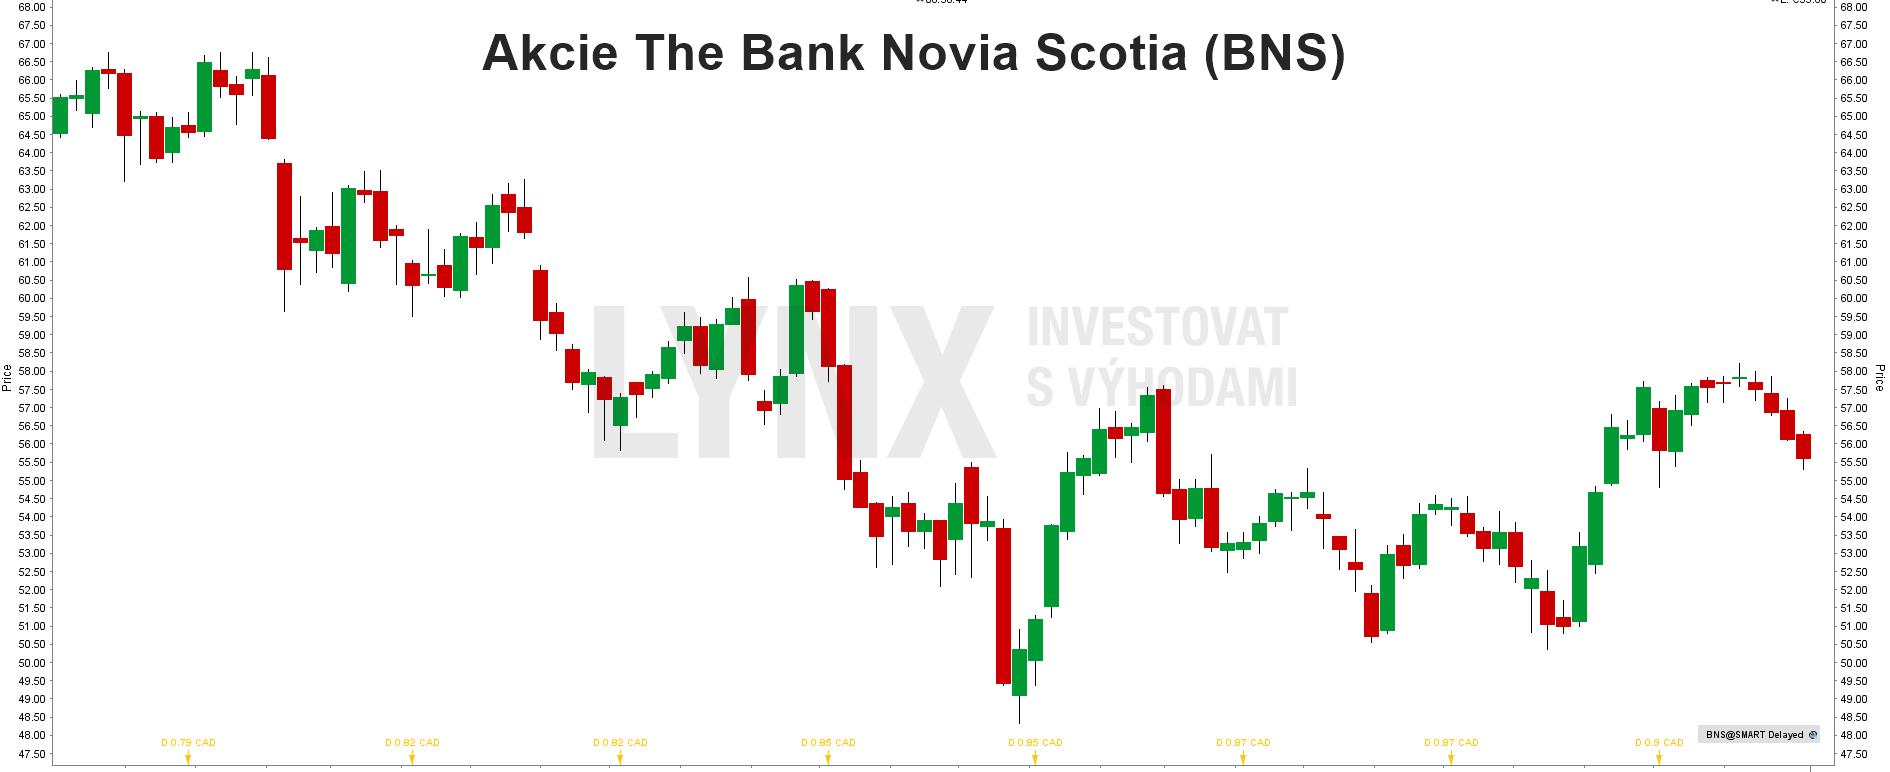 Akcie The Bank Novia Scotia - graf